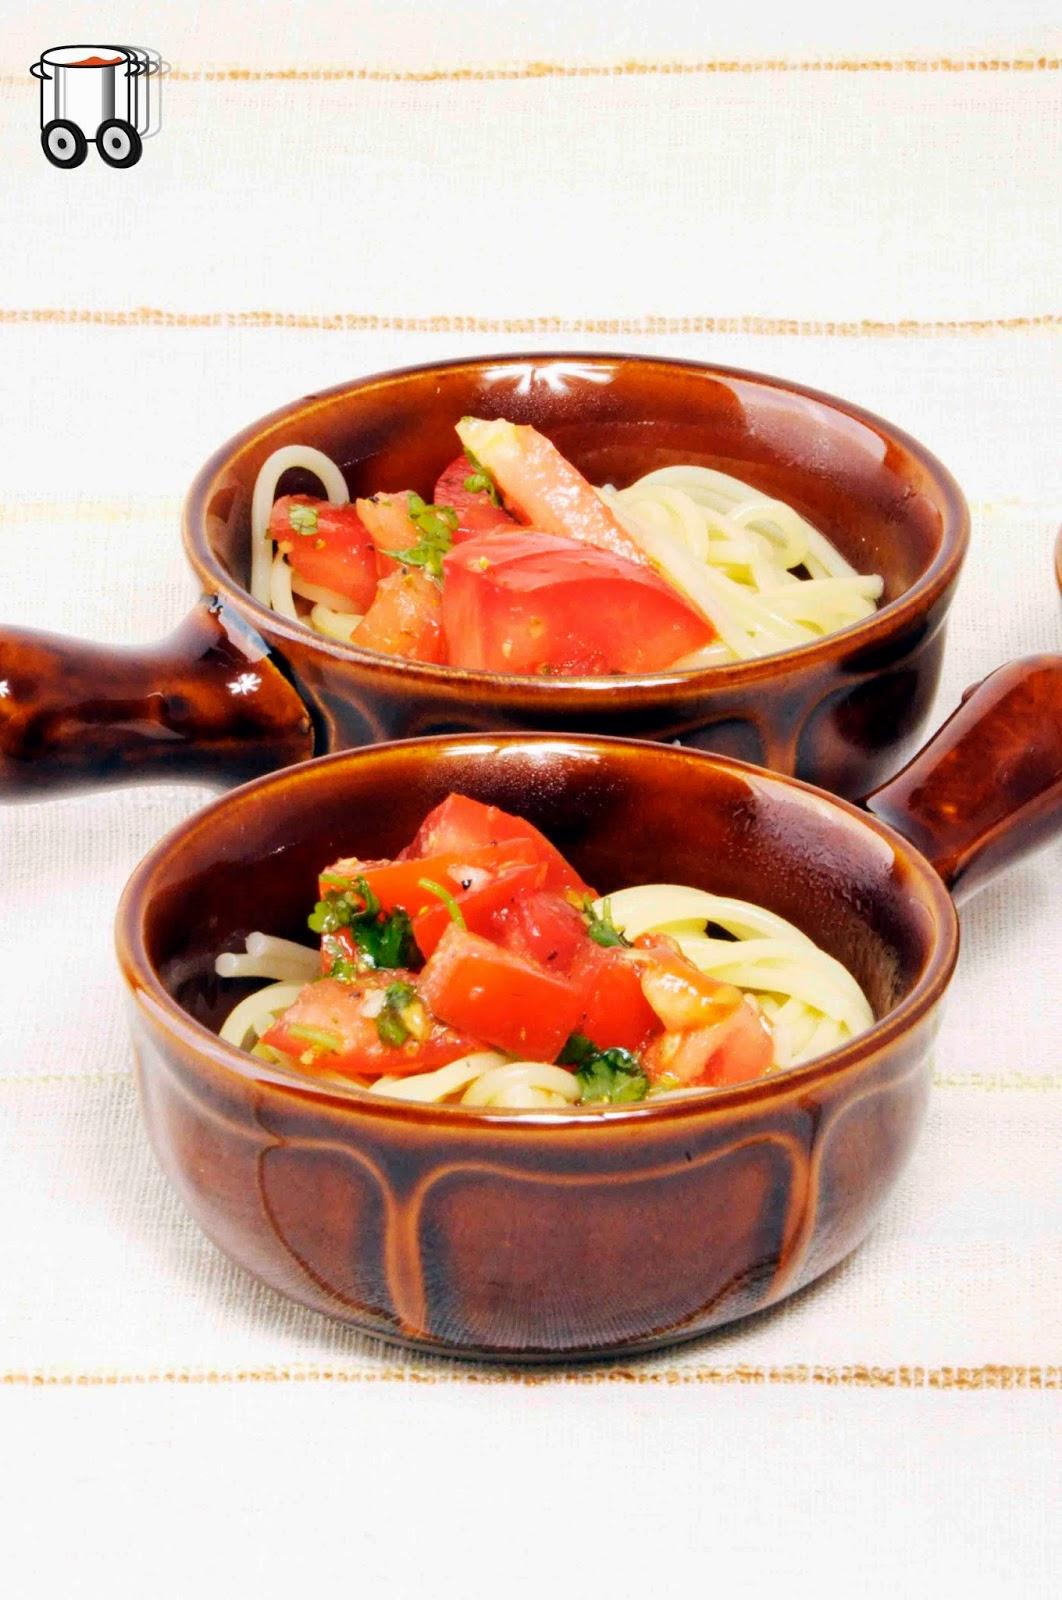 Szybko Tanio Smacznie - Makaron z pomidorowo - kolendrową salsą